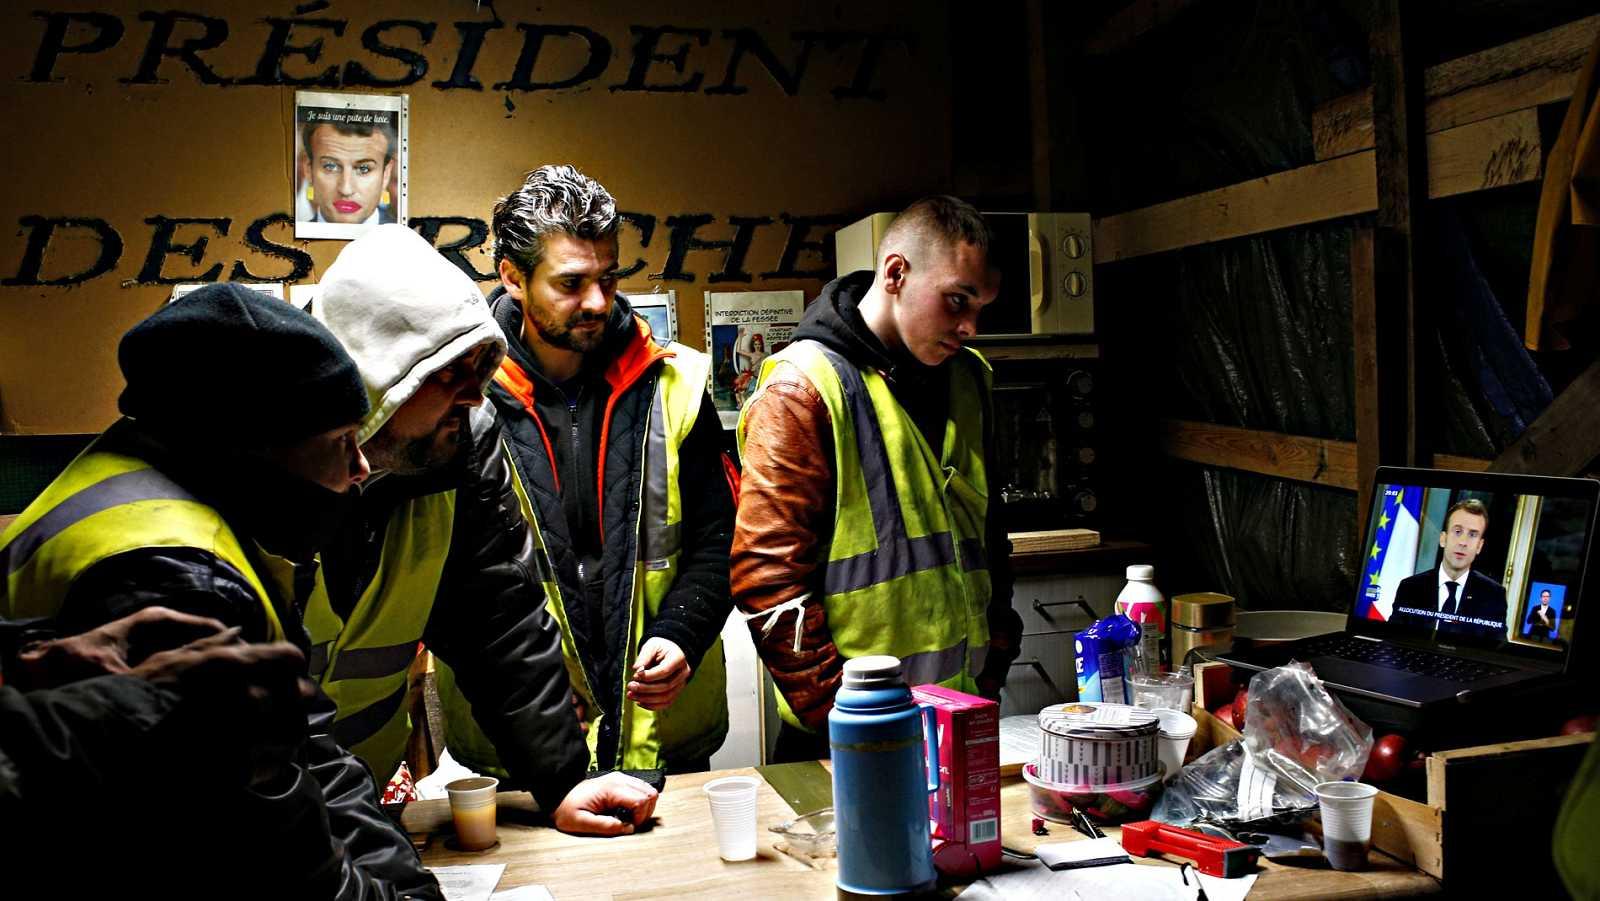 Macron anuncia una subida de cien euros del salario mínimo para intentar aplacar a los 'chalecos amarillos'